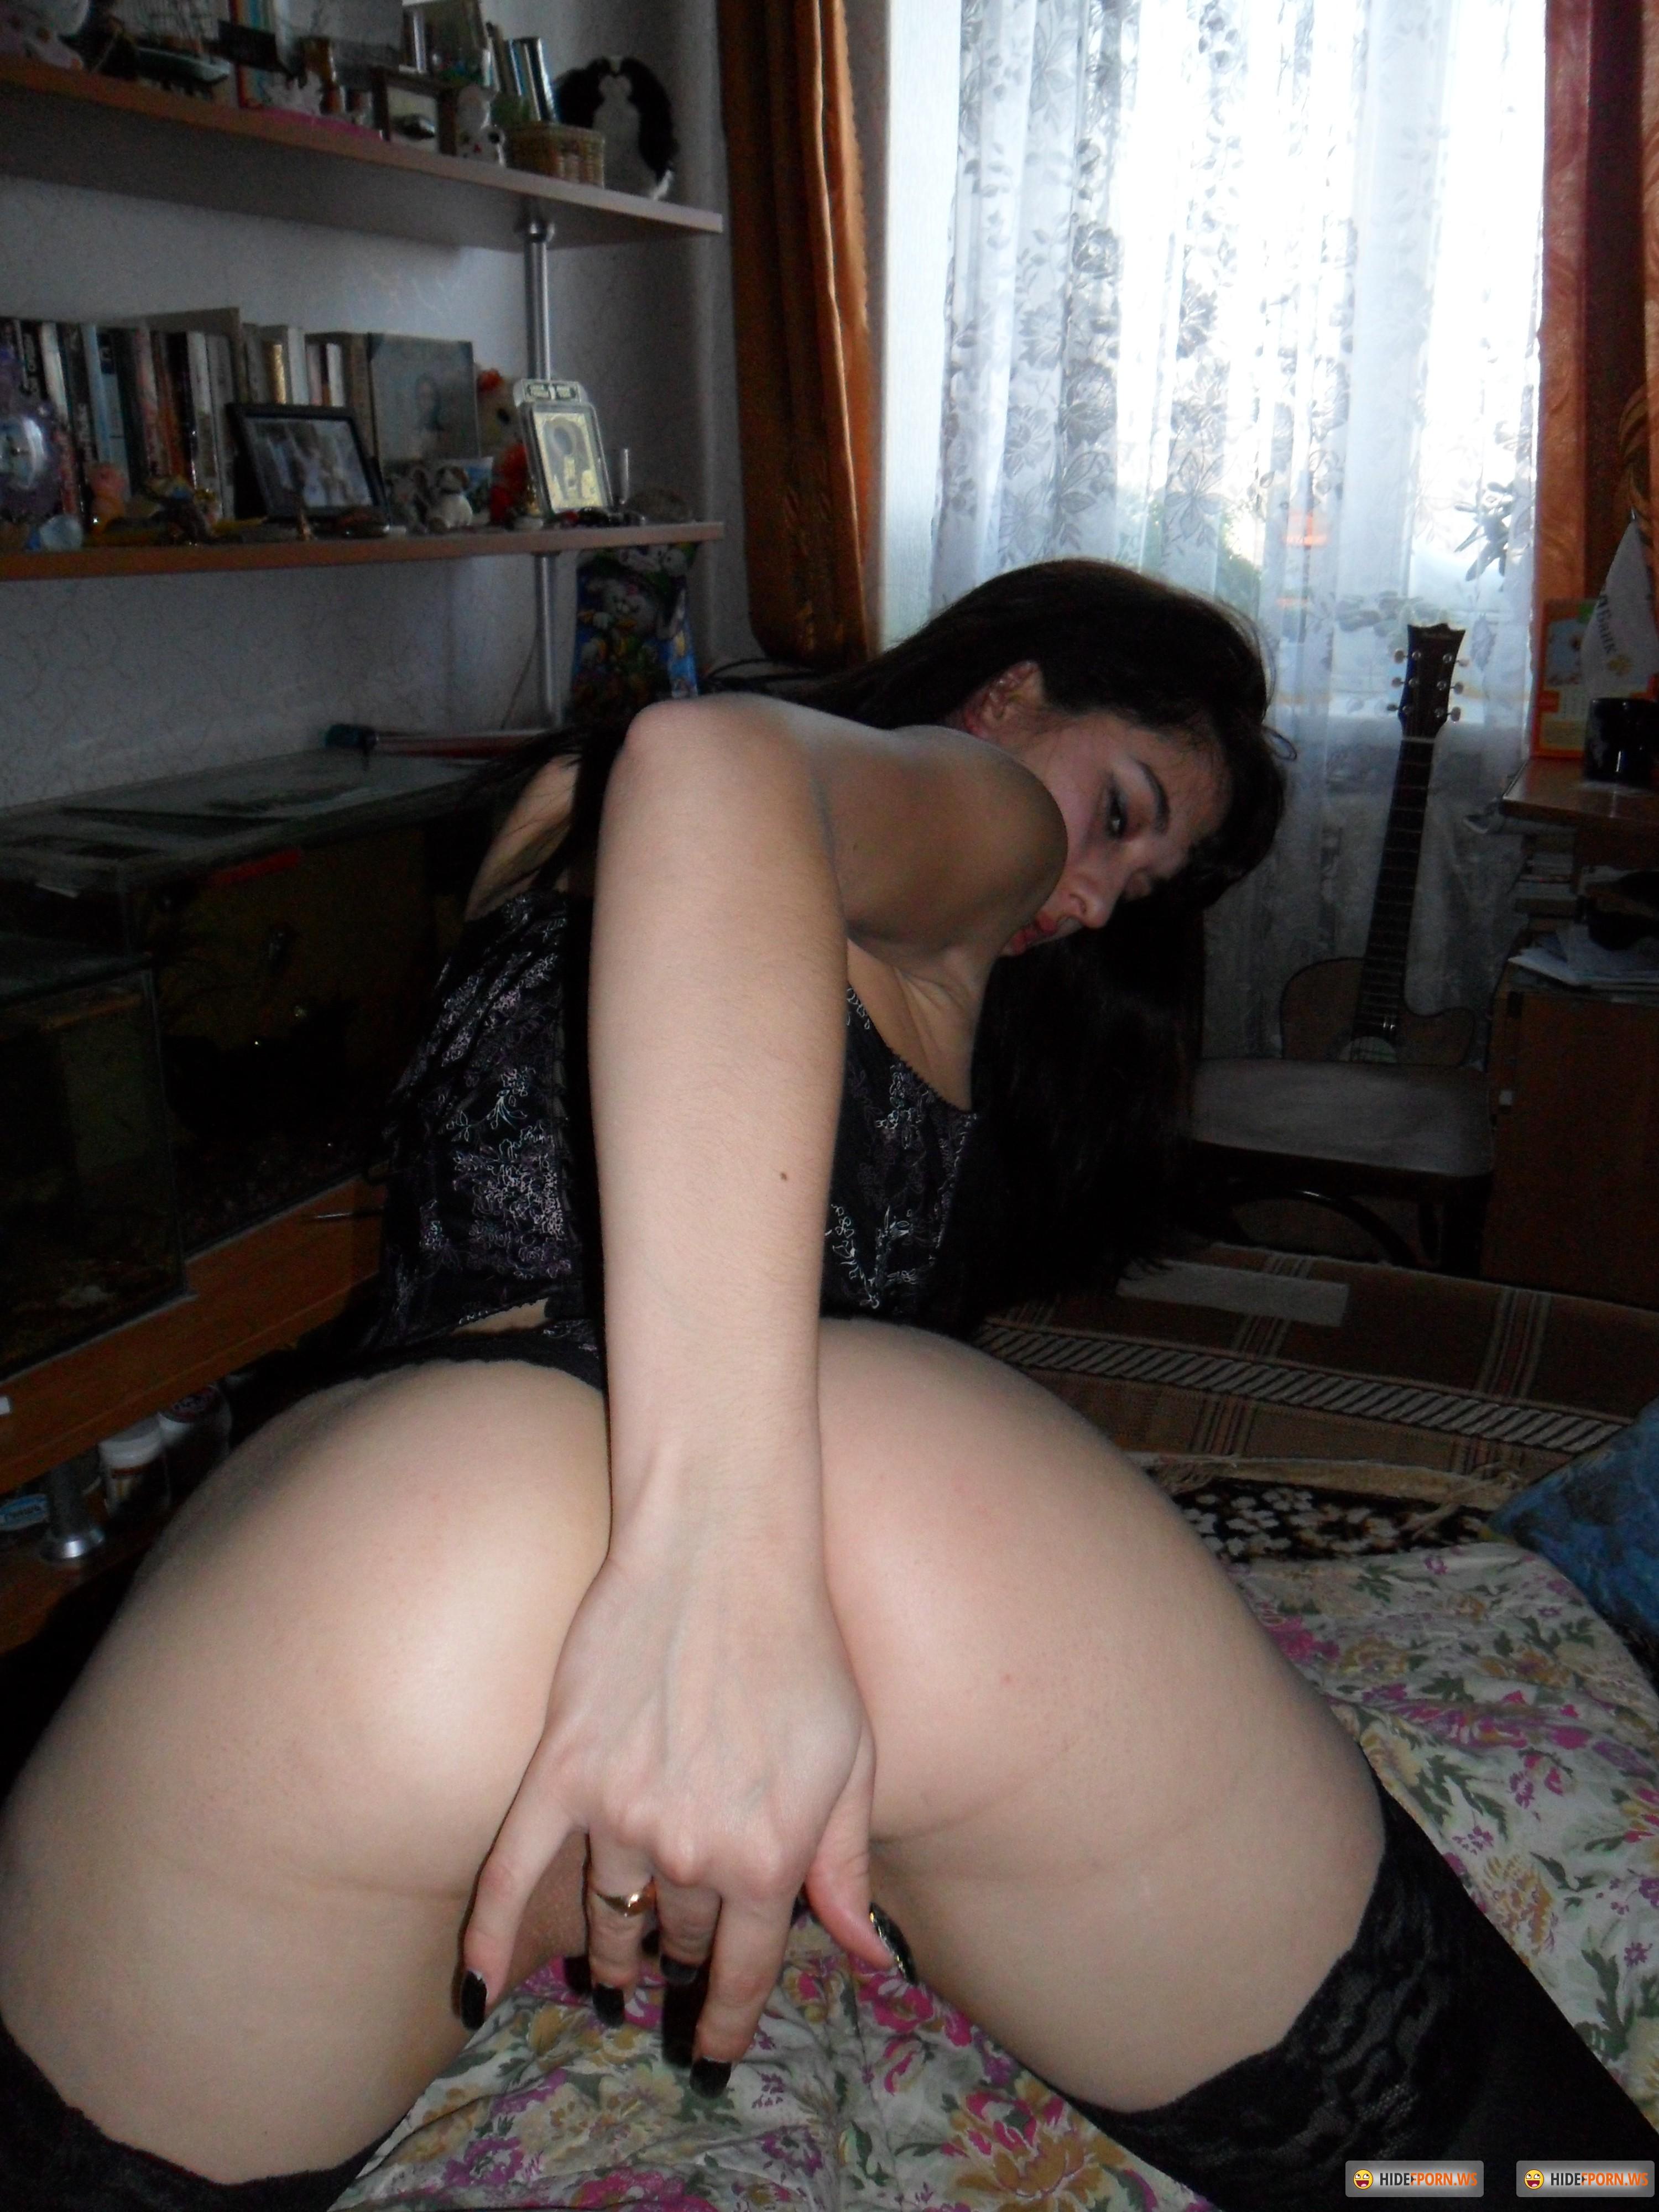 Мамка за проститутками сленг смотрящая